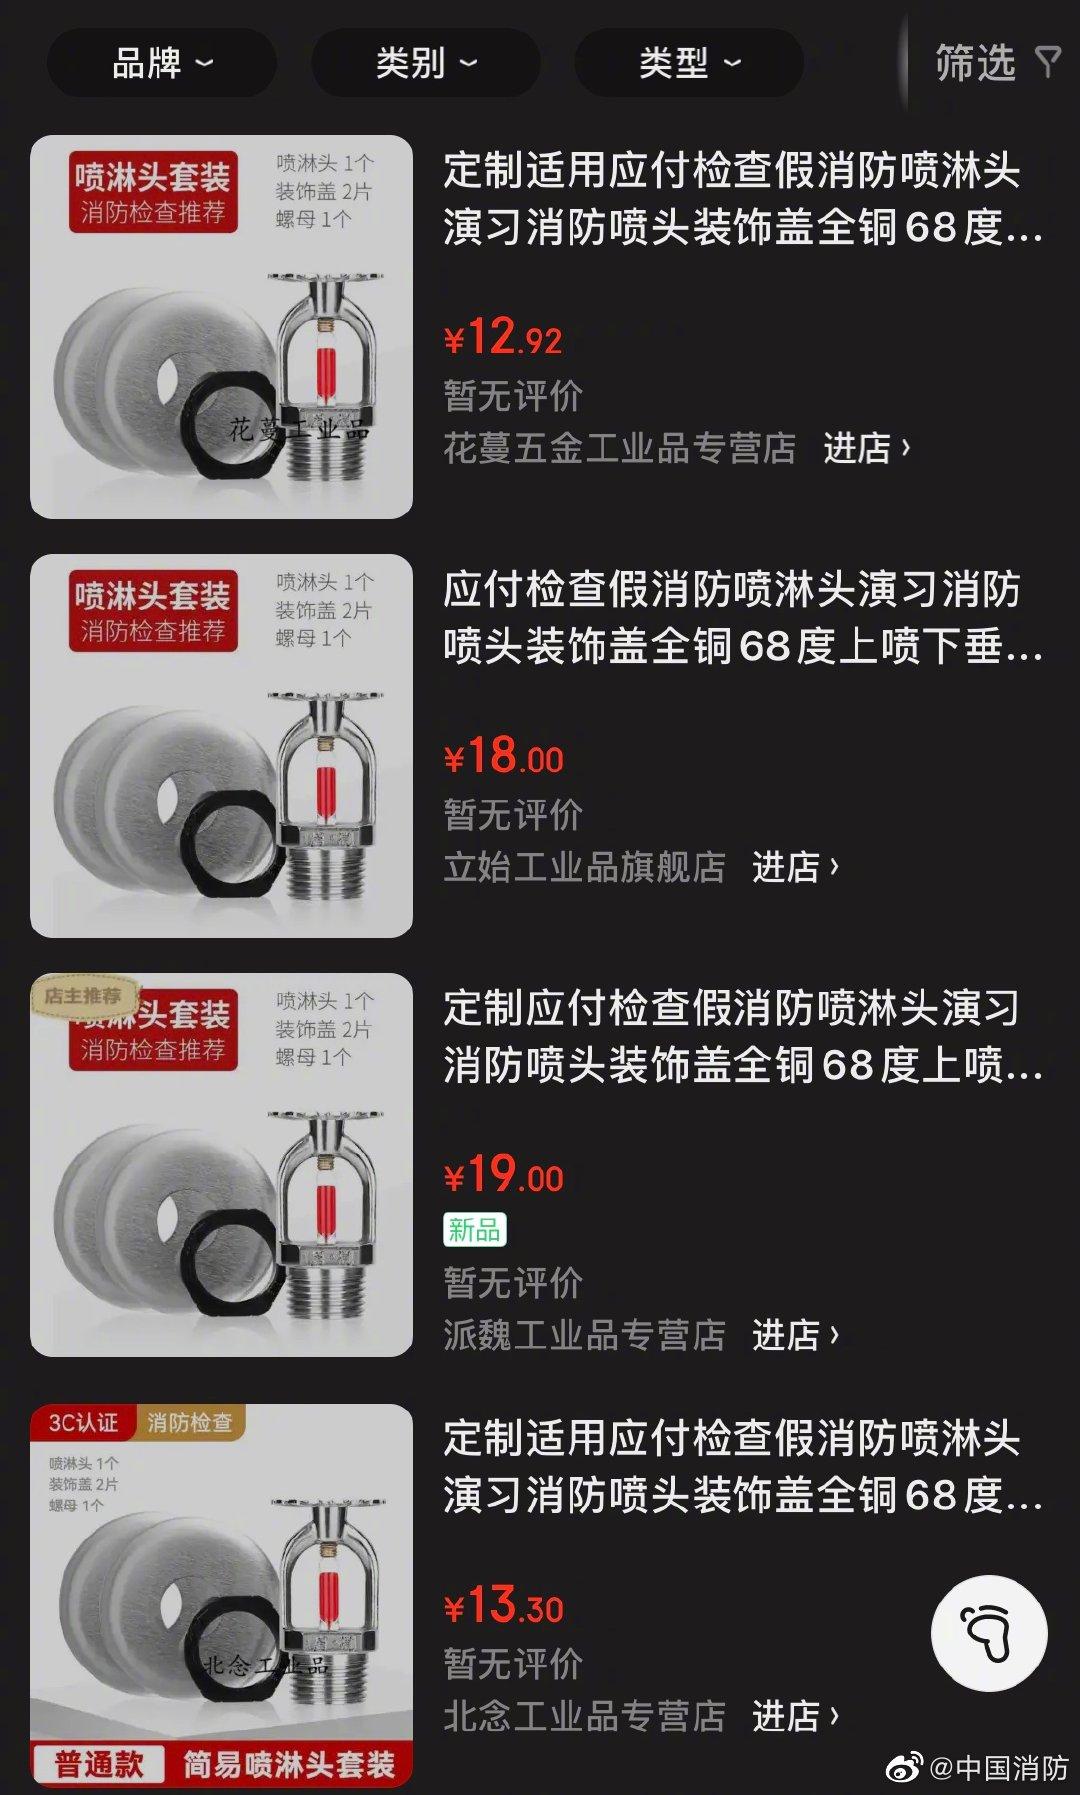 中国消防点名批评淘宝、京东、拼多多